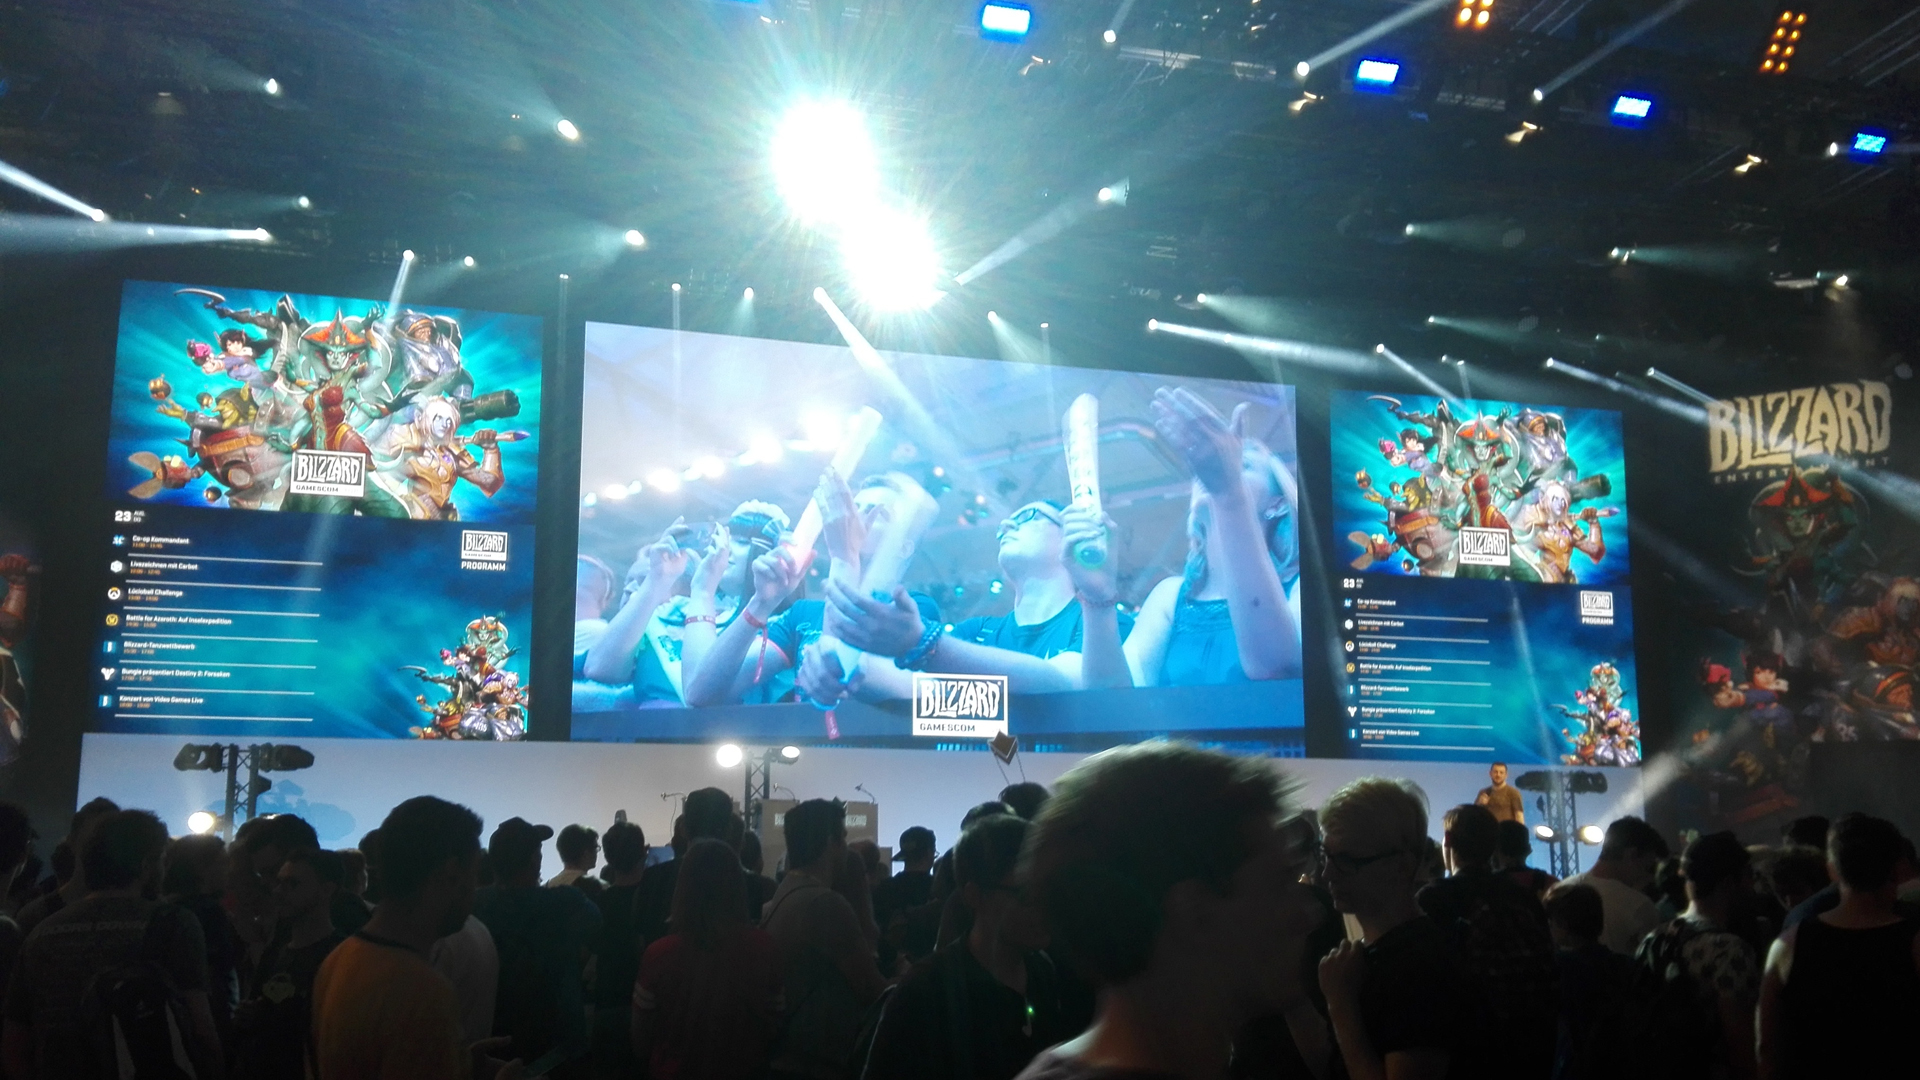 """Produktpräsentation des Entwicklerstudios """"Blizzard"""" auf der Gamescom. Der Ablauf erinnert an eine Liturgie."""